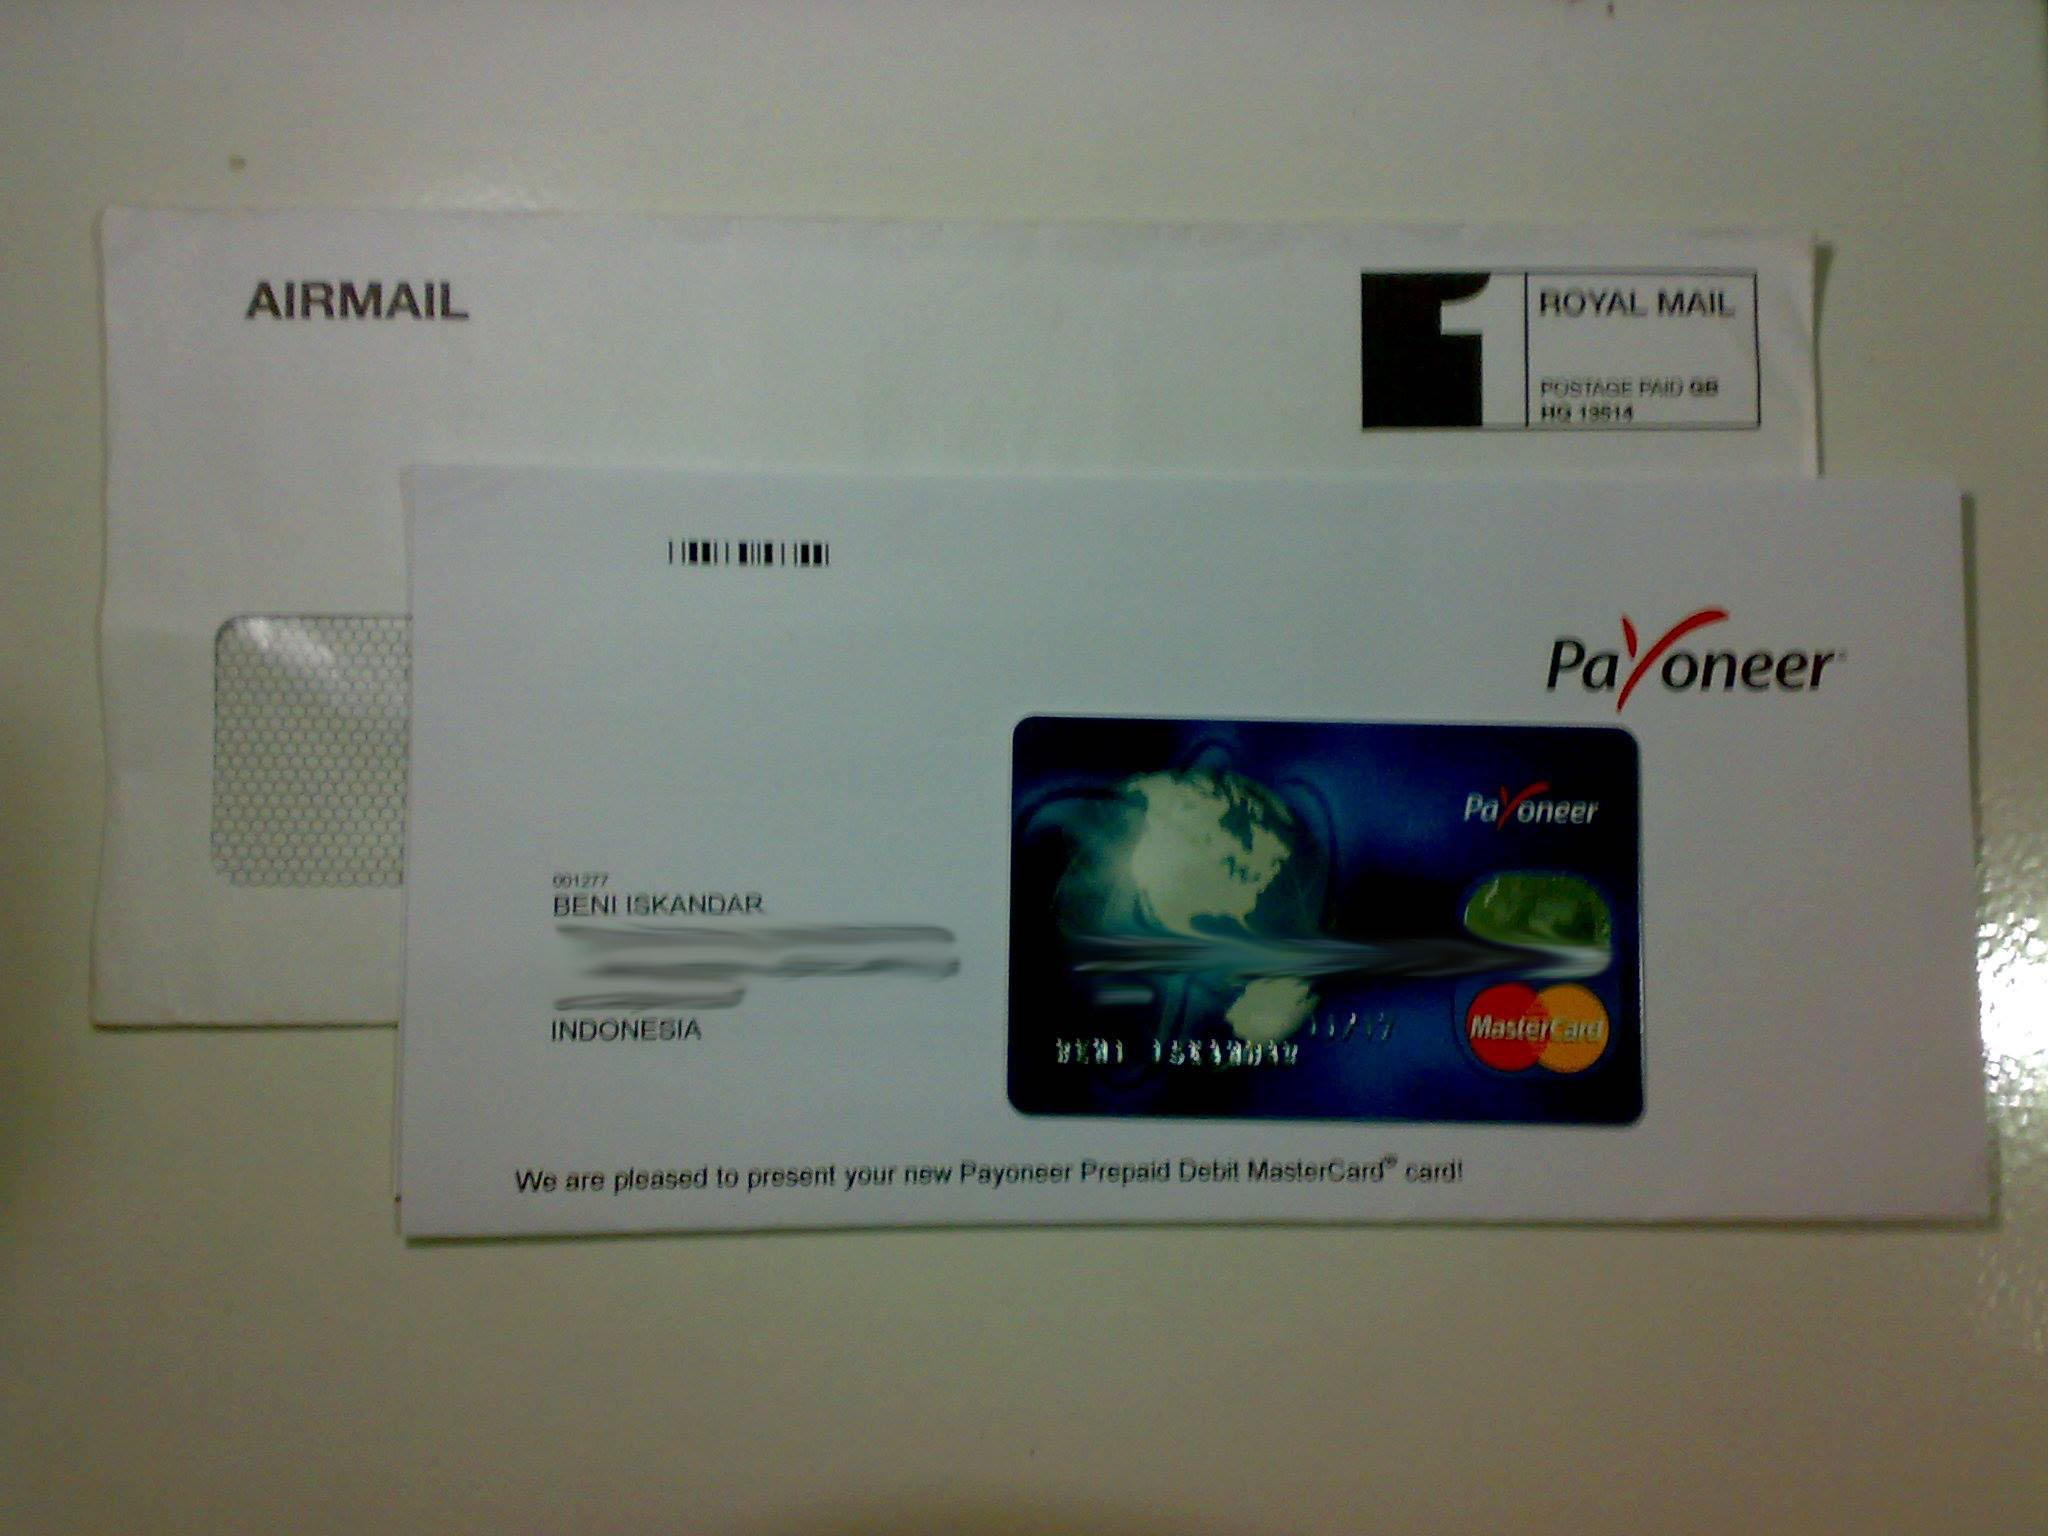 Isi Surat dan kartu payoneer lama